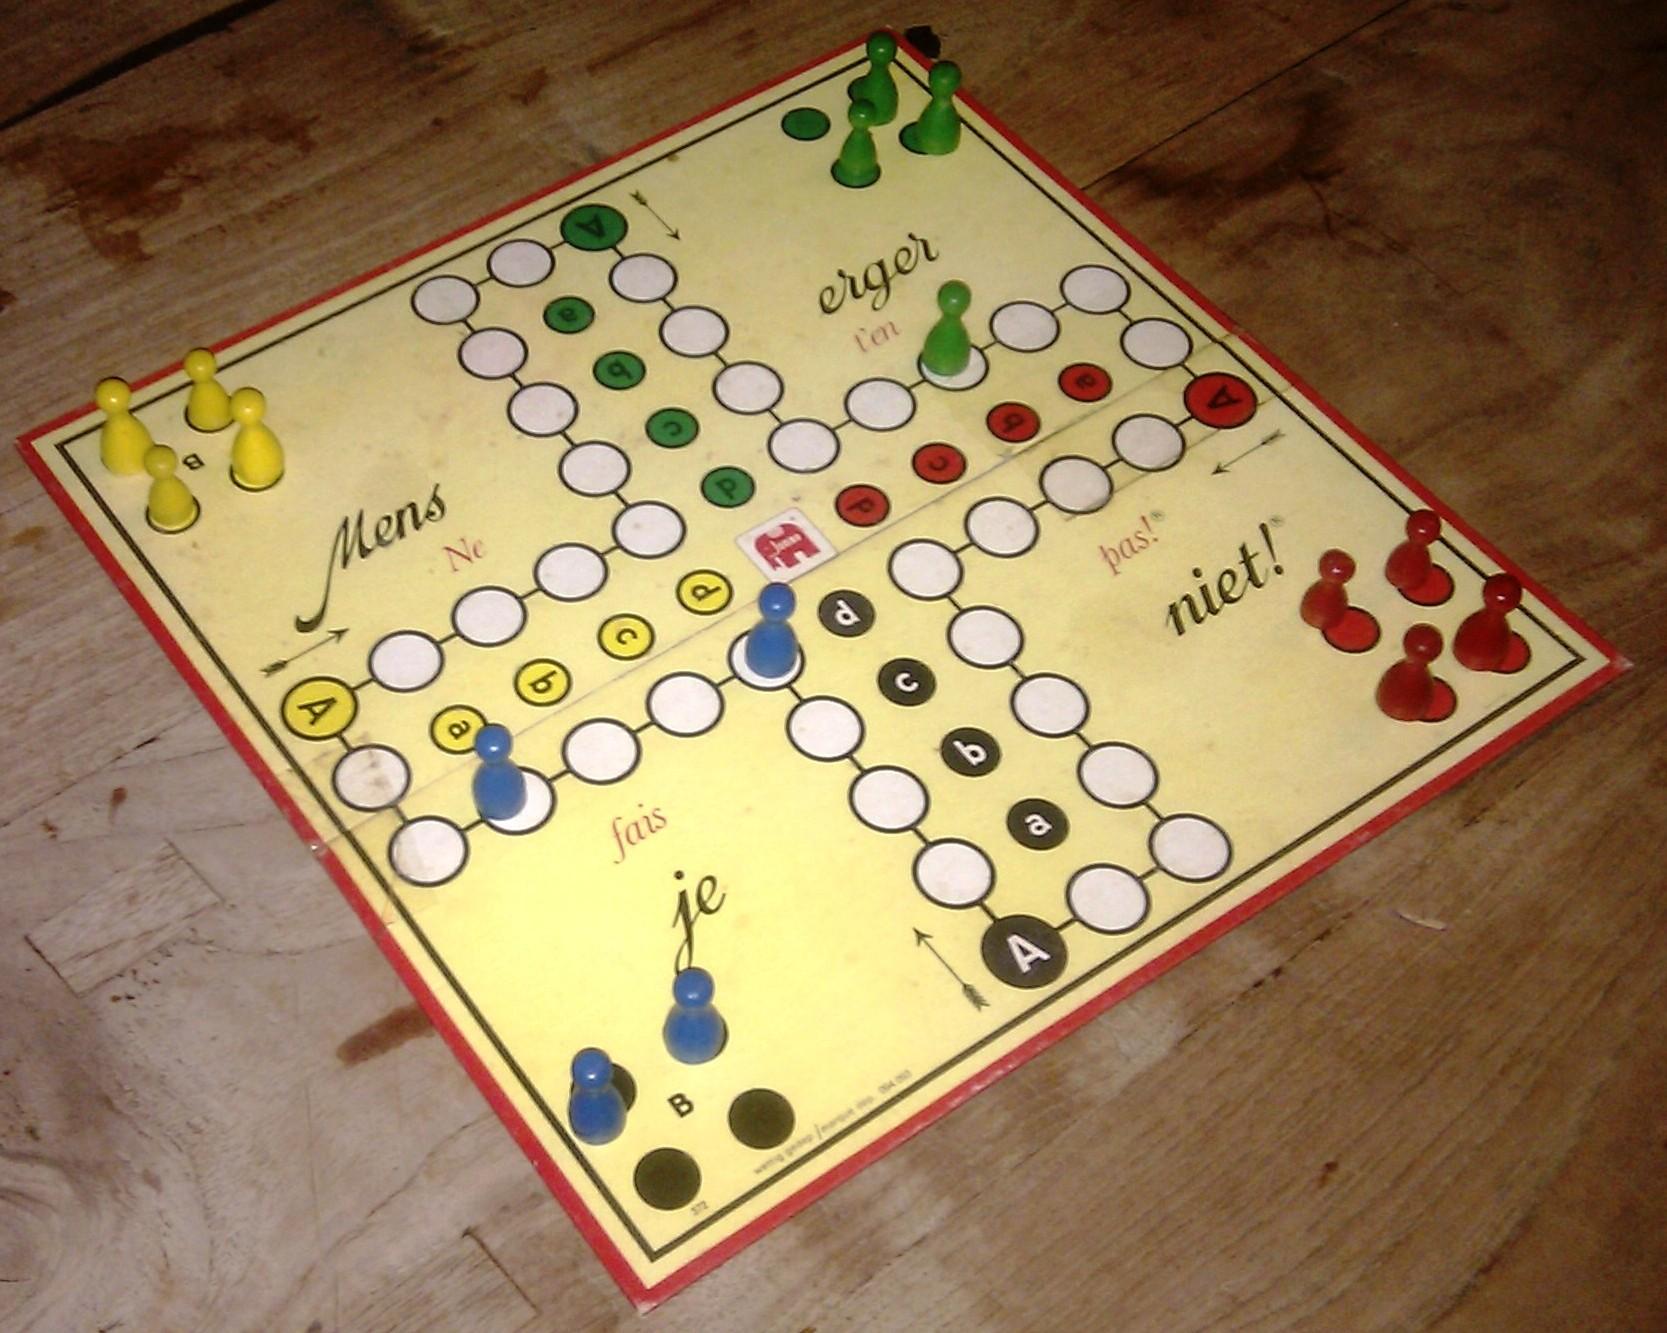 Abb.: Ein modernes Mensch-Ärgere-Dich-Nicht-Spiel, aufgebaut. Quelle: Wikimedia, Onderwijsgek at nl.wikipedia (CC BY-SA 3.0 NL)